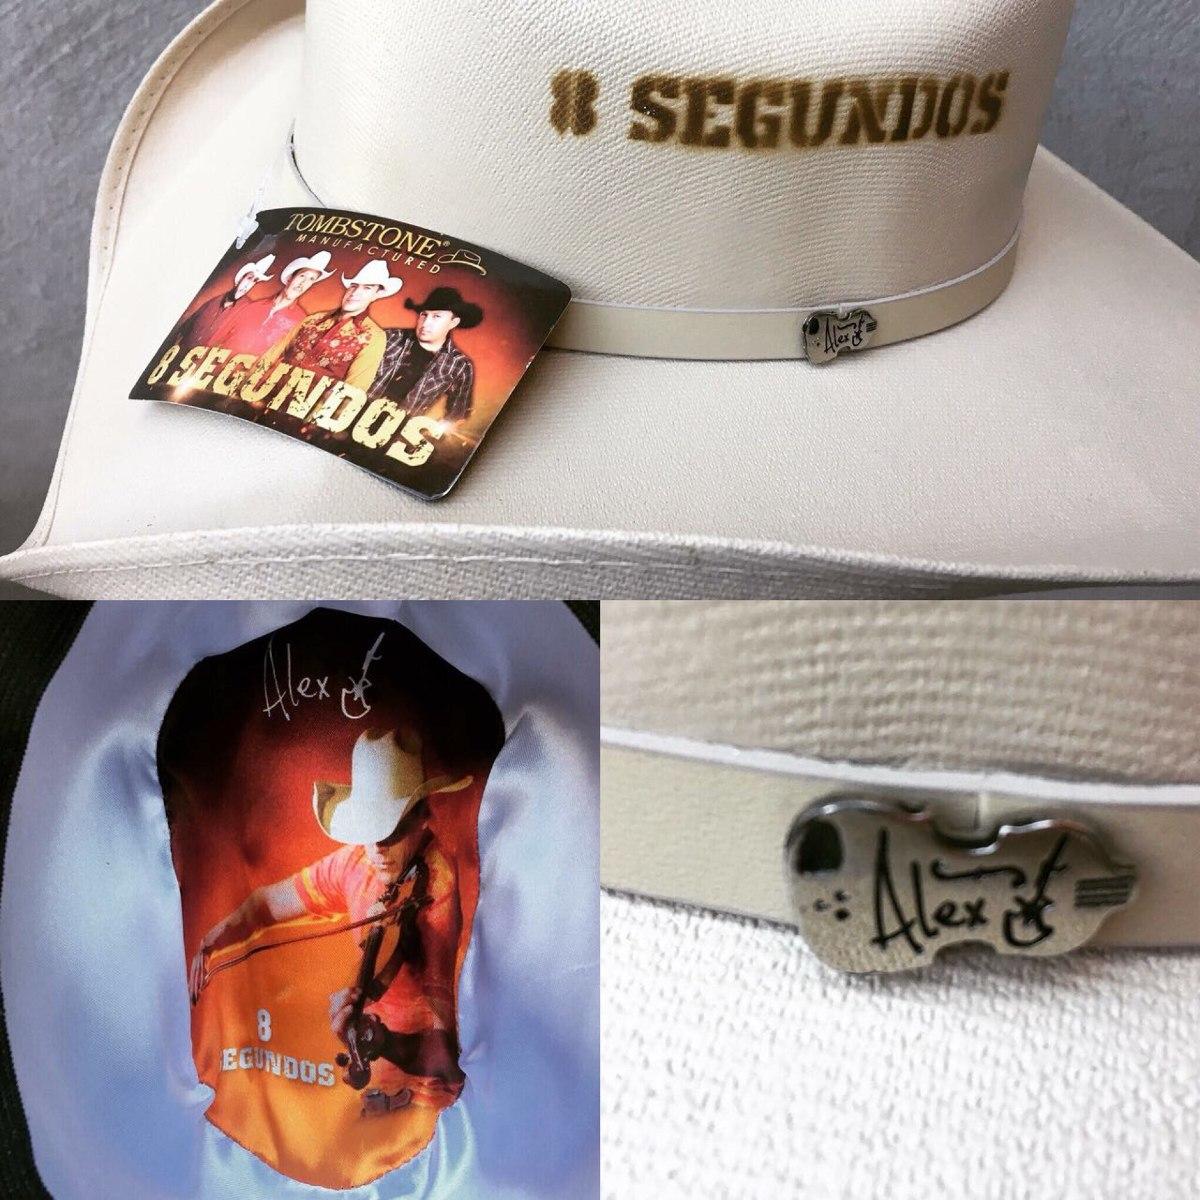 5de5833b0fe33 Sombrero Vaquero 8 Segundos -   600.00 en Mercado Libre